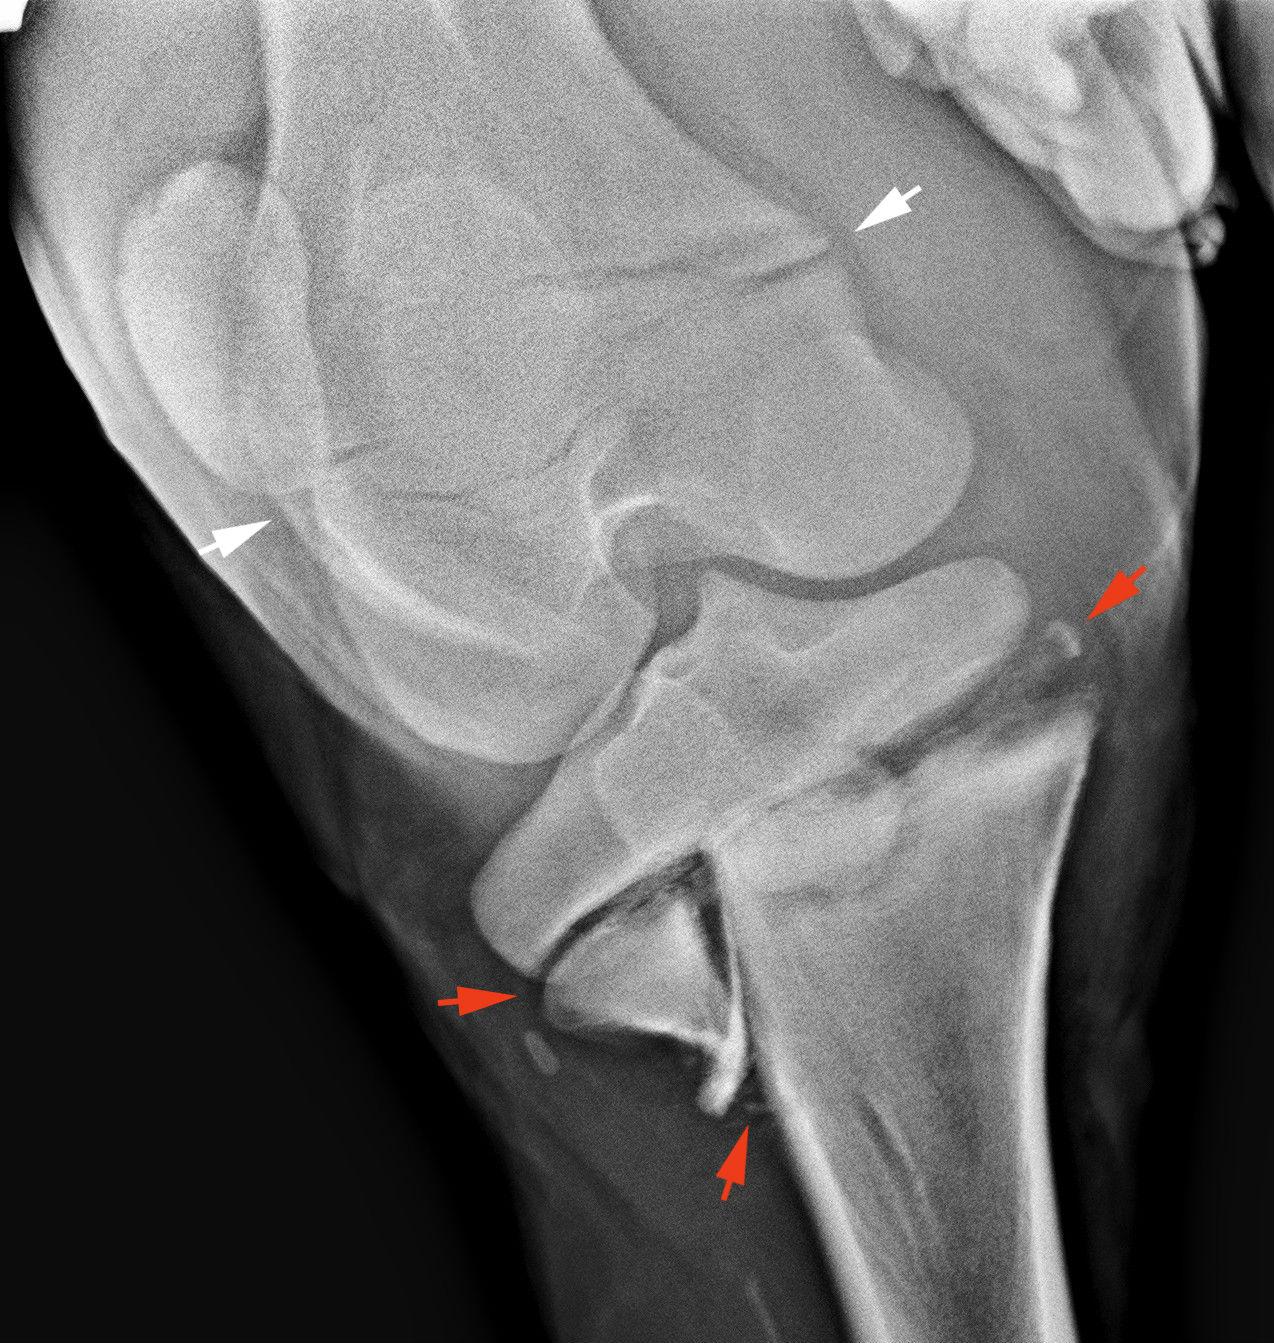 a térdízület meniszkuszos törése hatékony gyógymódok az osteochondrosisról